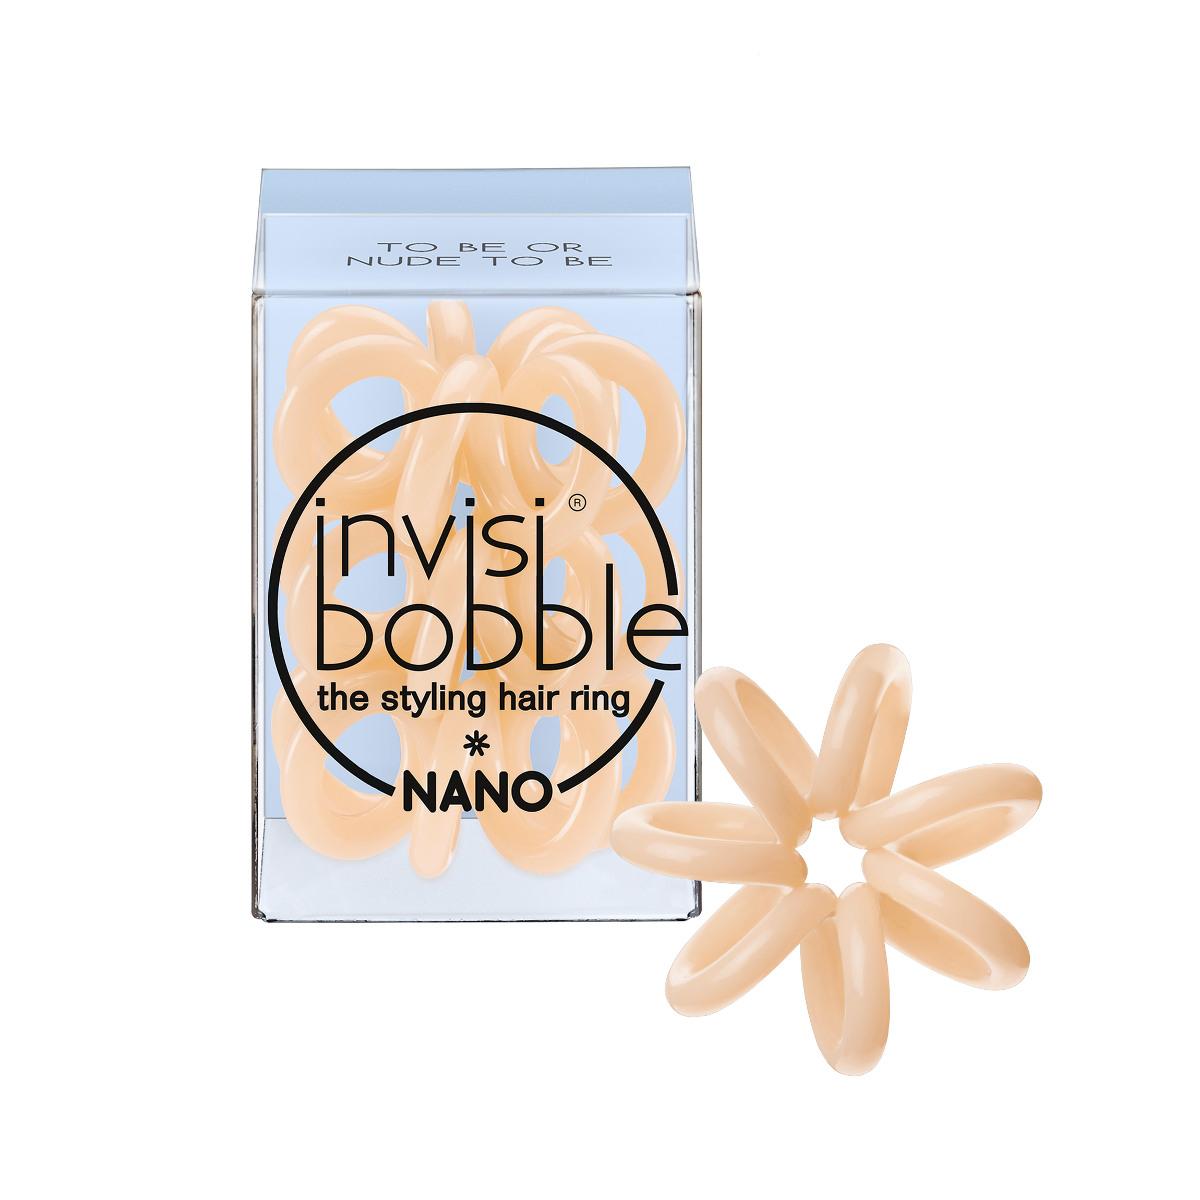 Invisibobble Резинка для волос Nano To Be or Nude to Be3051Все любят естественный макияж, так почему бы не продолжить эту тему и на волосах? Пастельный оттенок invisibobble to be or nude to be из коллекции NANO вам в помощь! Долгожданный цвет для блондинок в коллекции. Коллекция invisibobble NANO создана специально для создания причёсок! Резиночки invisibobble NANO гораздо меньше в размере, чем invisibobble ORIGINAL, тем самым они идеально подходят для создания самых разнообразных причёсок, а также для детских волос. Резинки подходят для всех типов волос, надежно фиксируют причёску, не оставляют заломов и не вызывают головную боль благодаря неравномерному распределению давления на волосы. Кроме того, они не намокают и не вызывают аллергию при контакте с кожей, поскольку изготовлены из искусственной смолы.